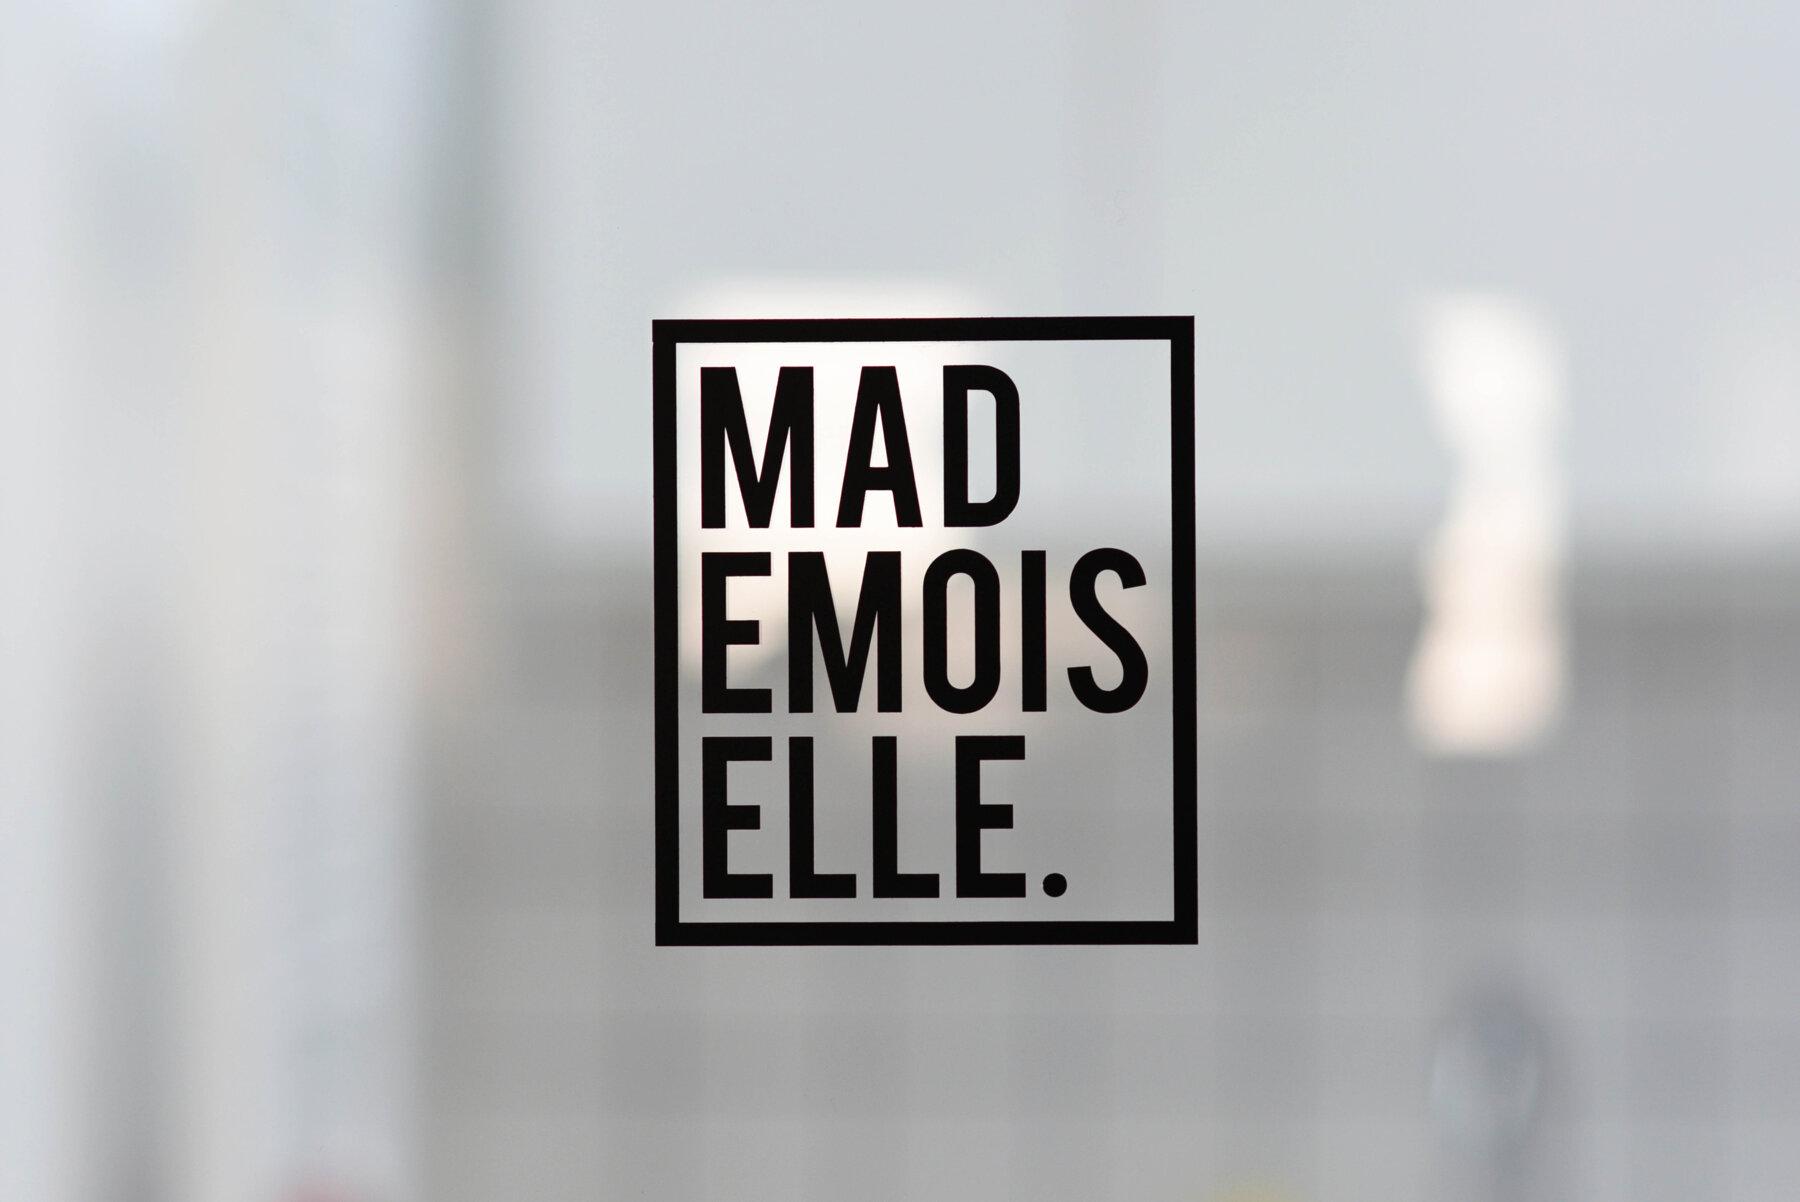 Mademoiselle.